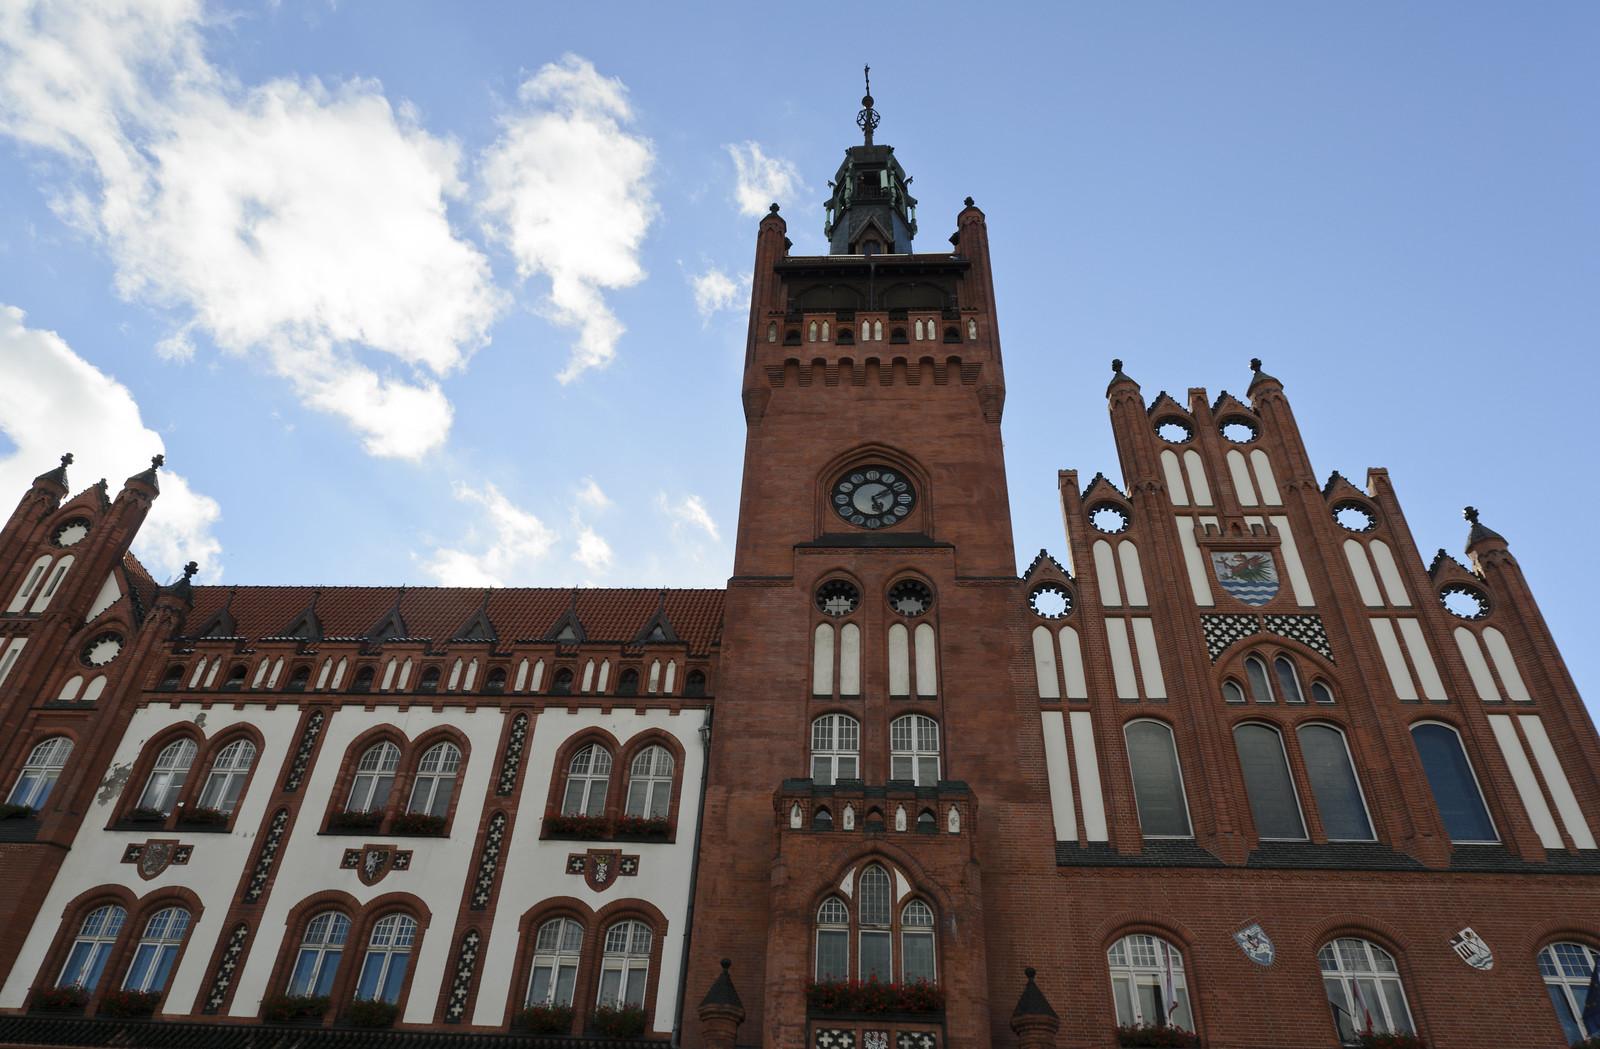 Hôtel de Ville de Słurpsk